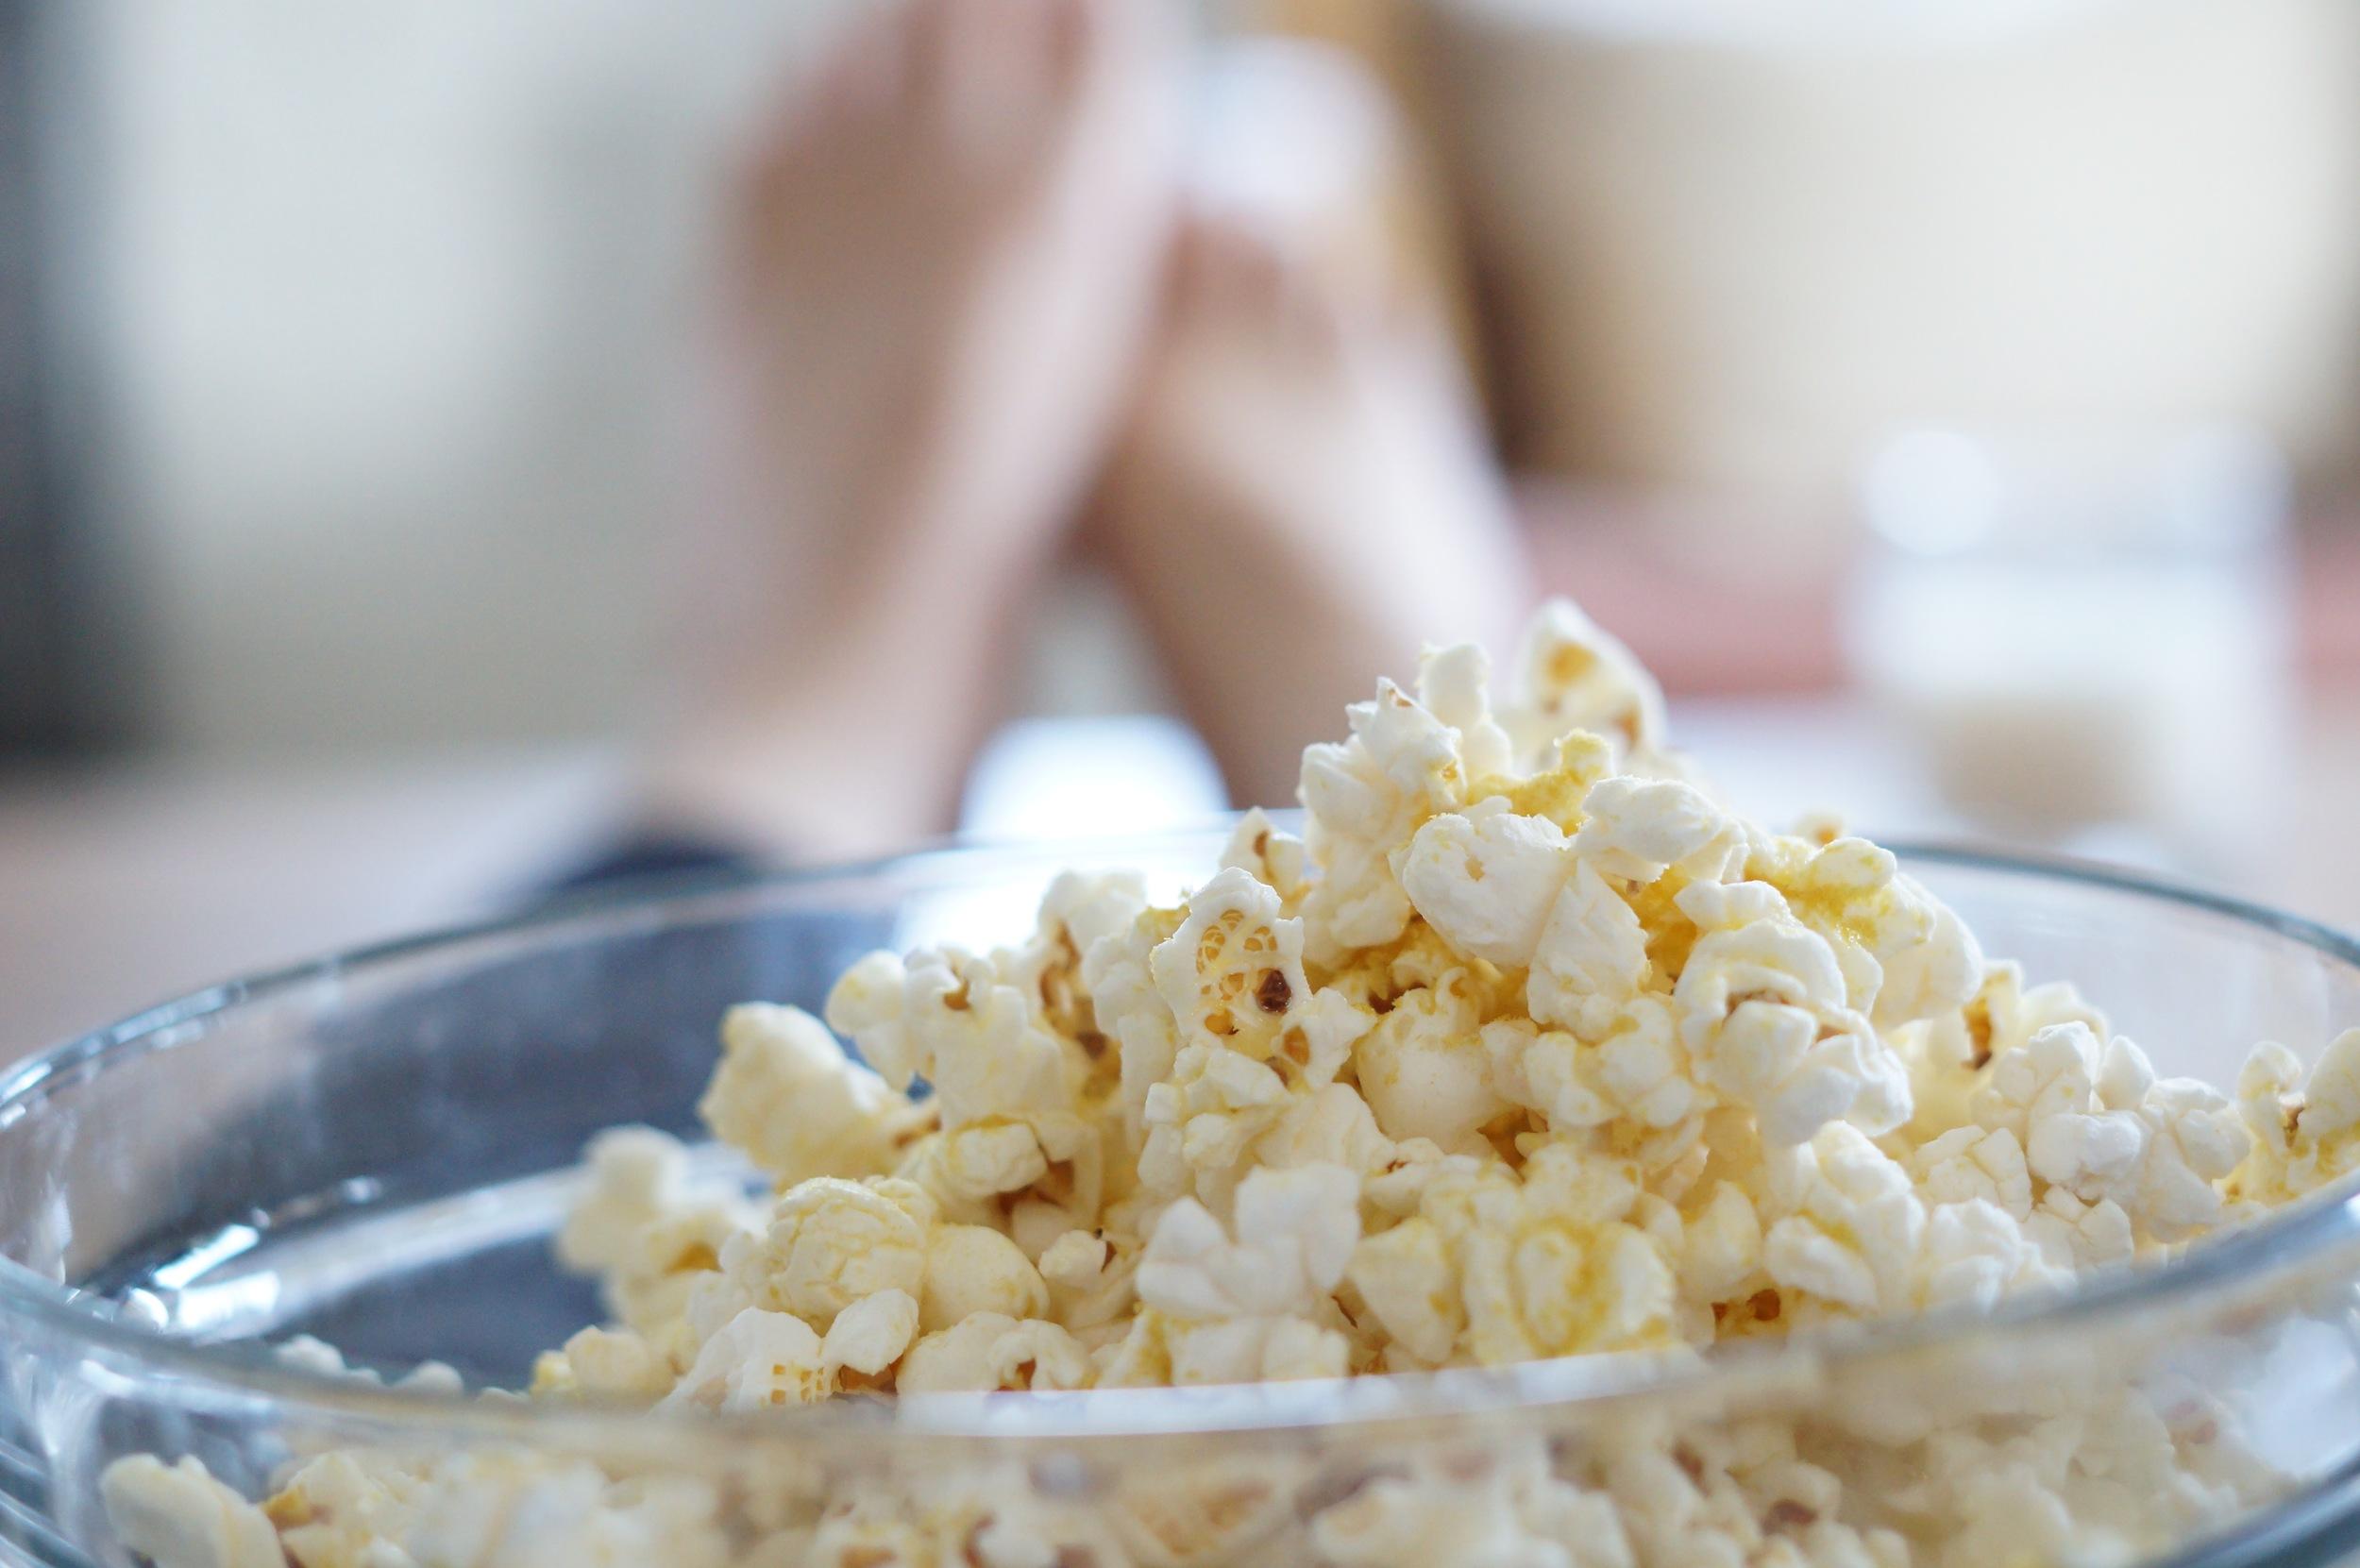 simple pleasure: movie night